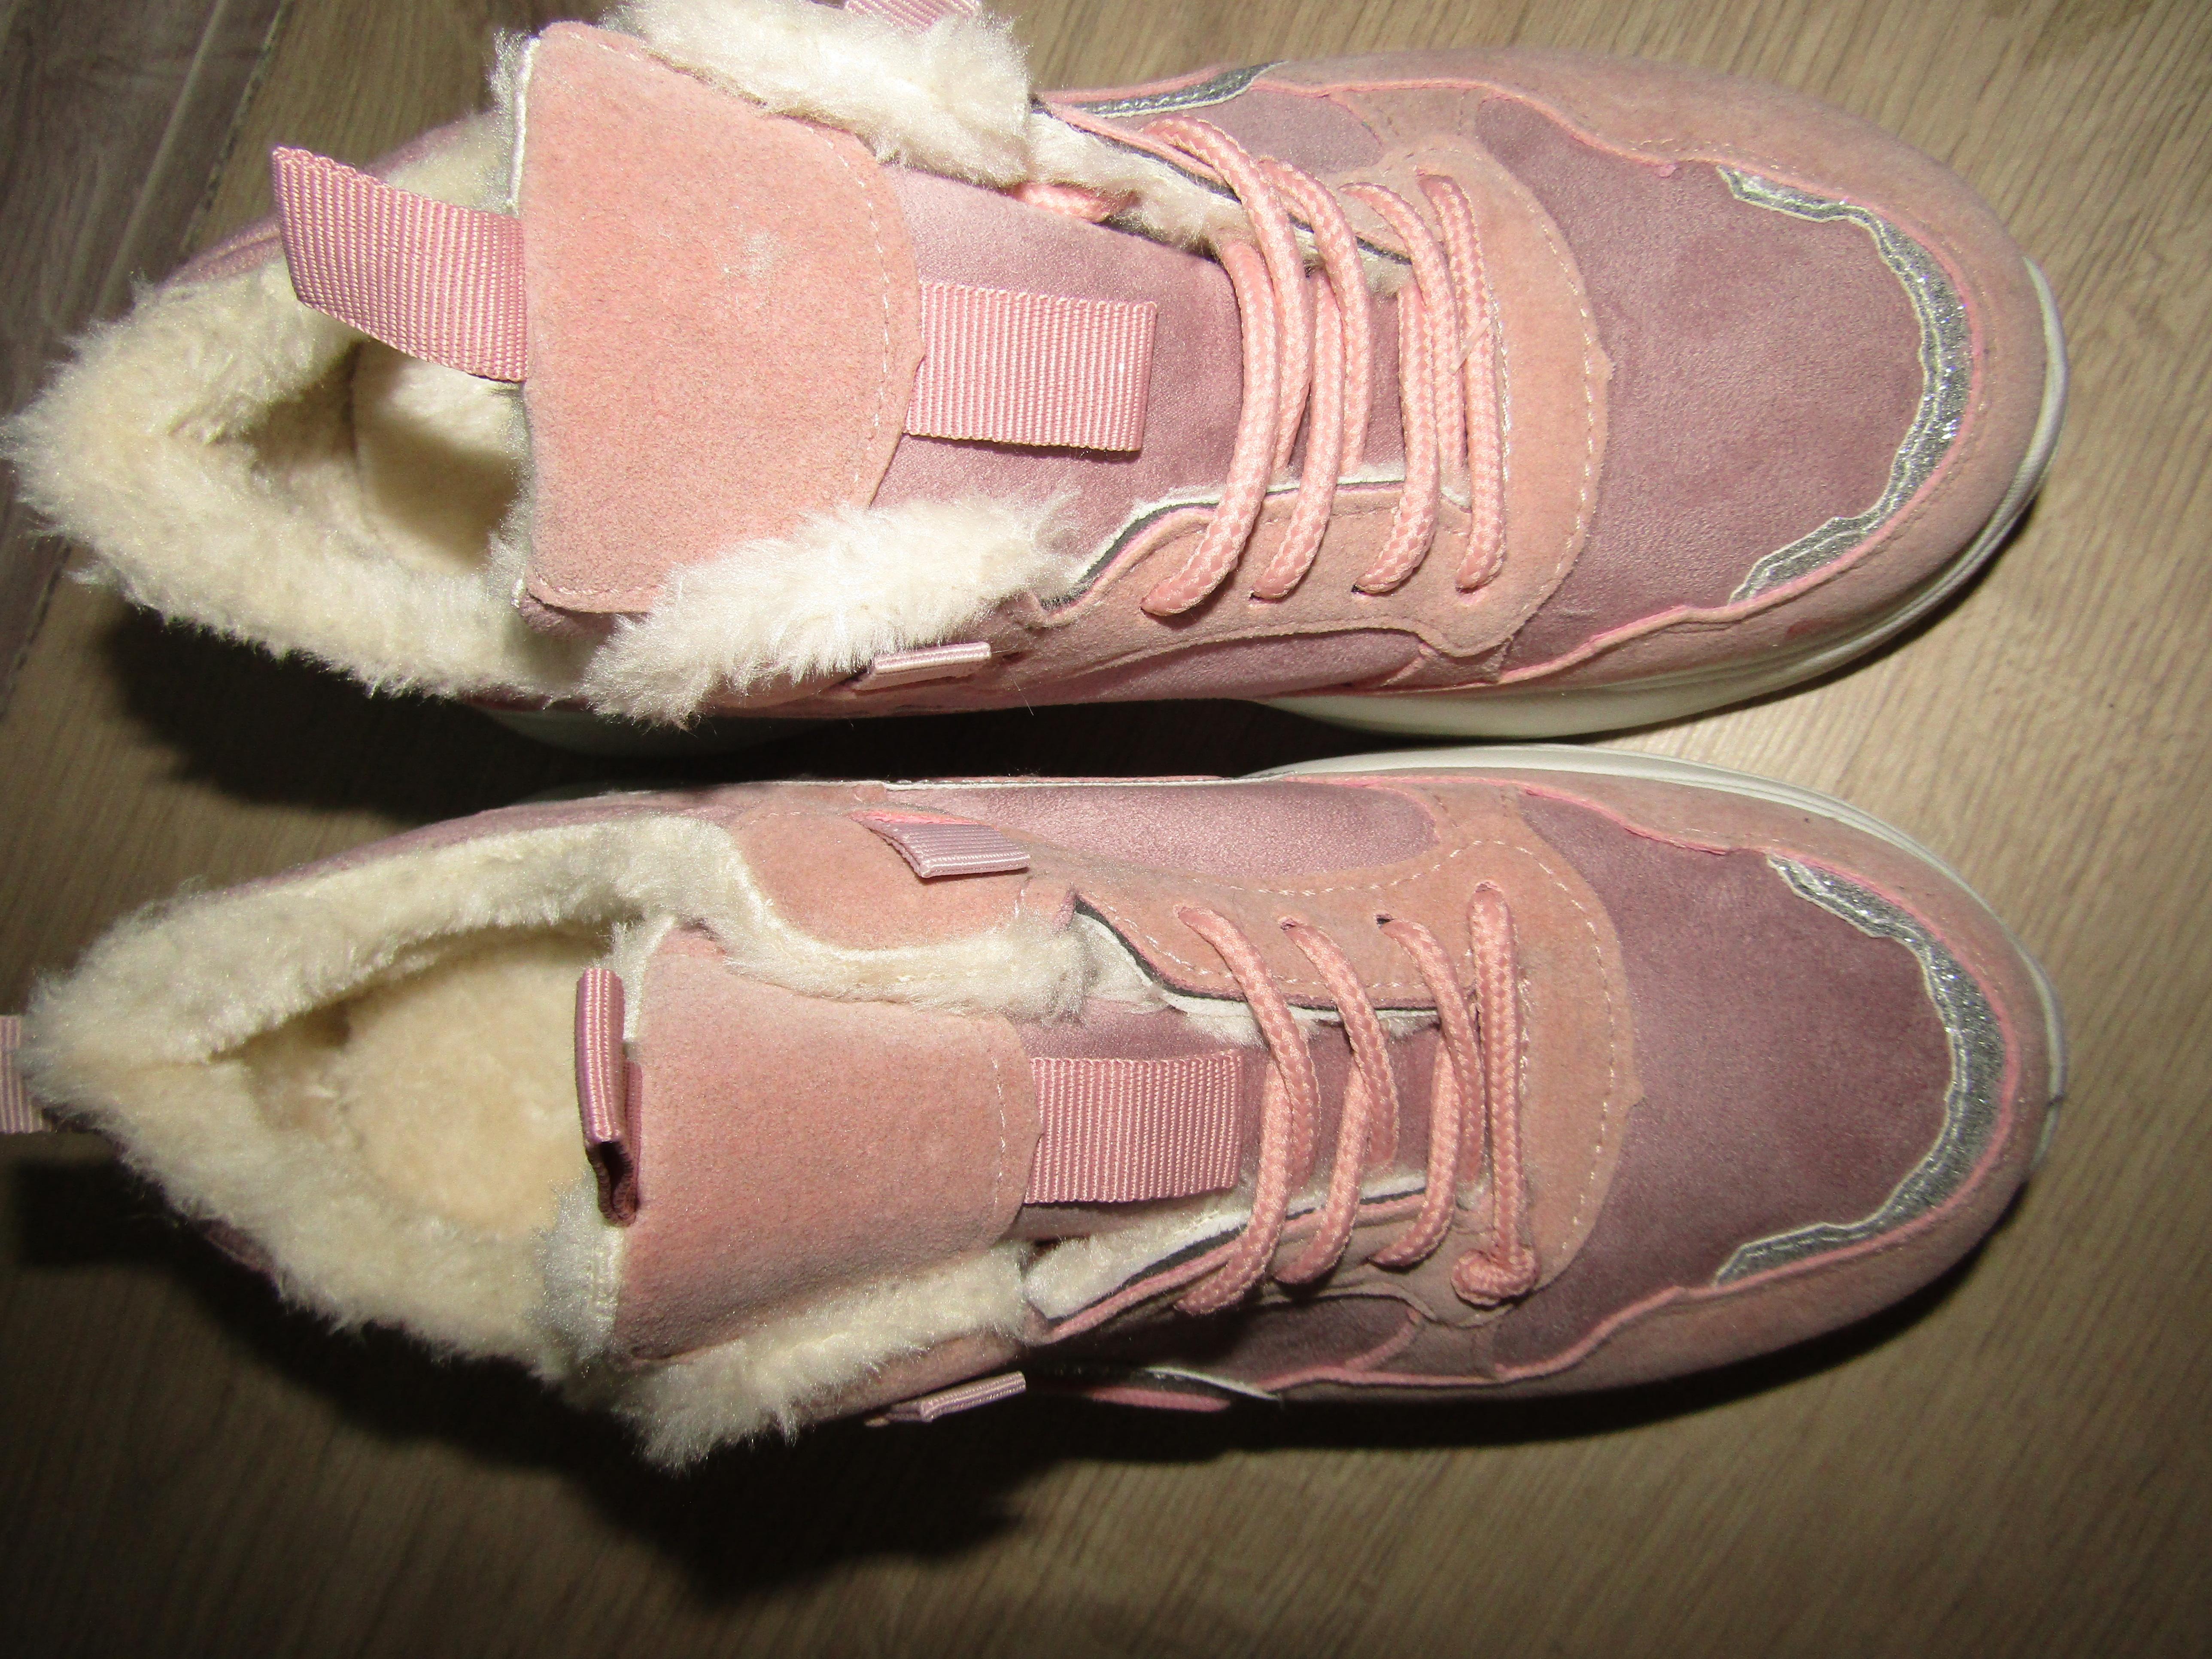 Новые утепленные кроссовки! Размер 39 (маломерят на размер, стелька 24 см) - Фото №2